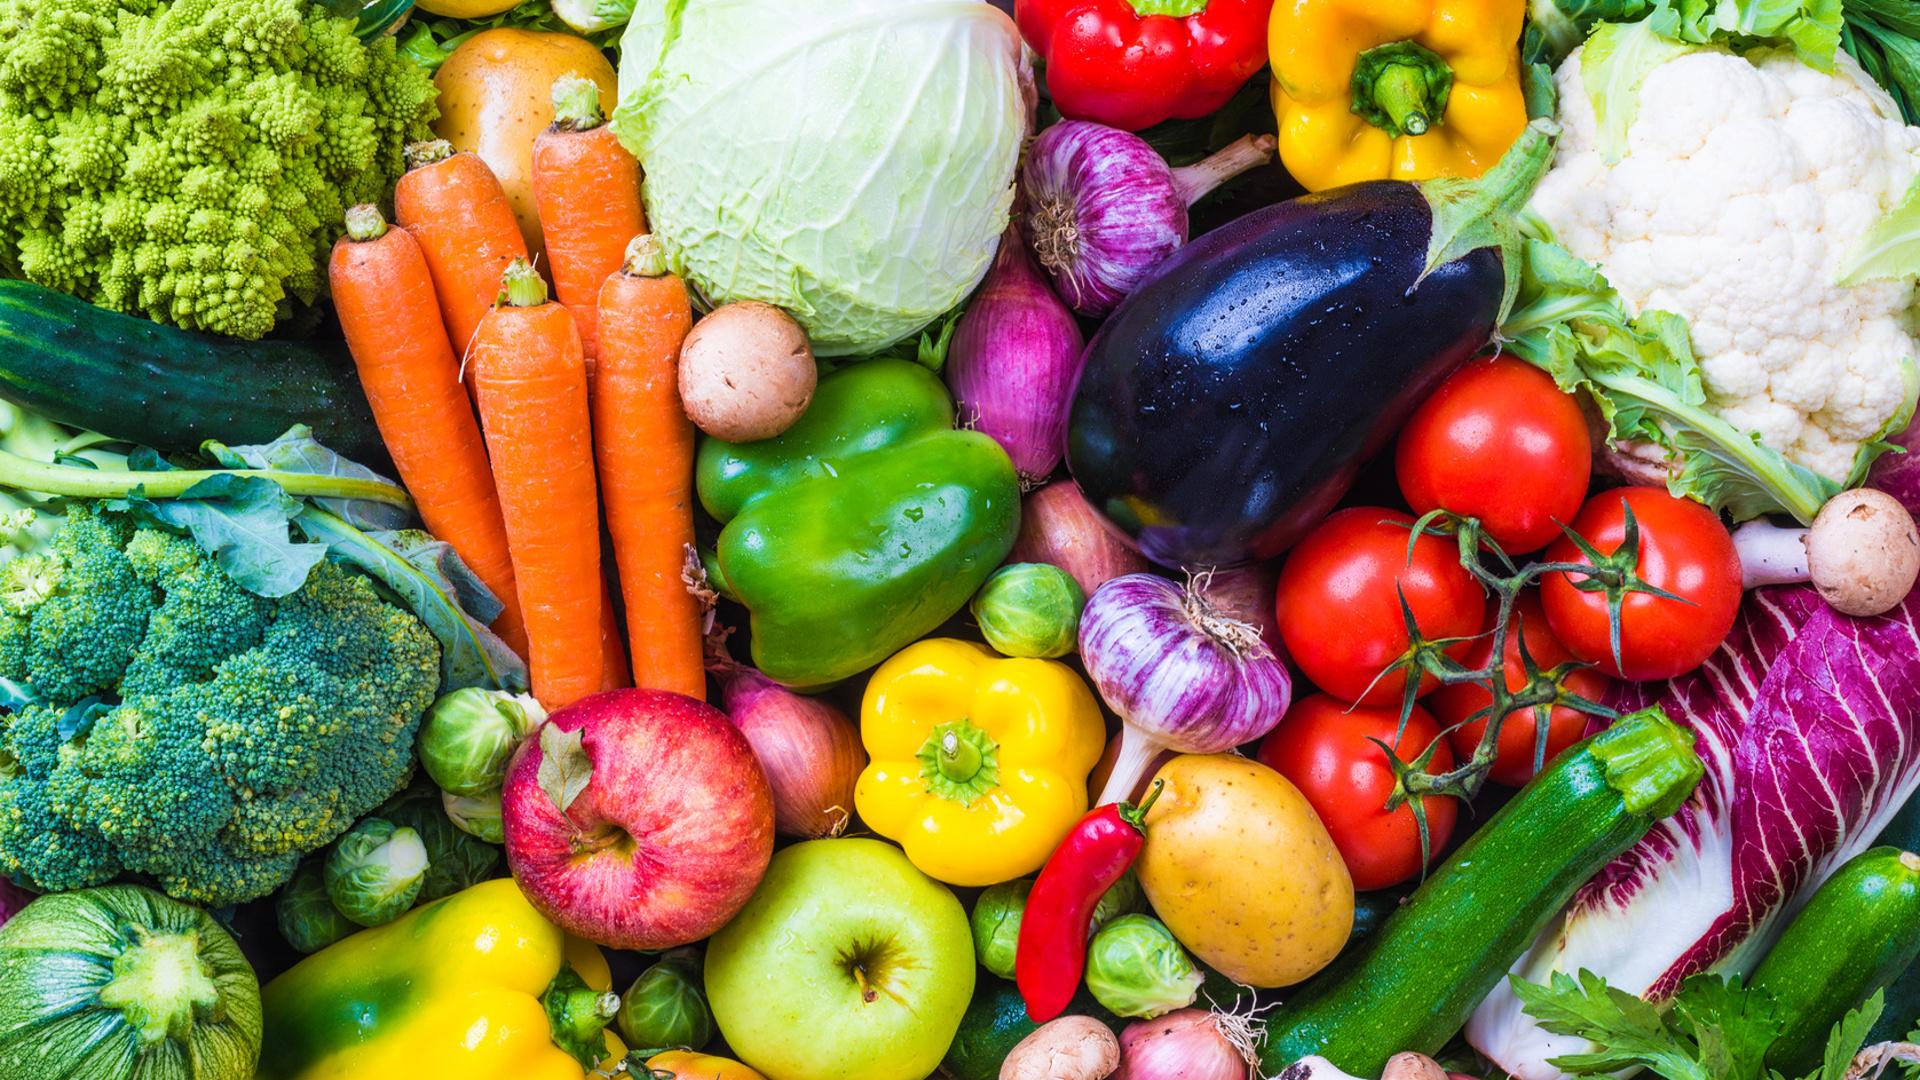 frutas-y-hortalizas-que-deberiamos-comer-tambien-con-piel-1920